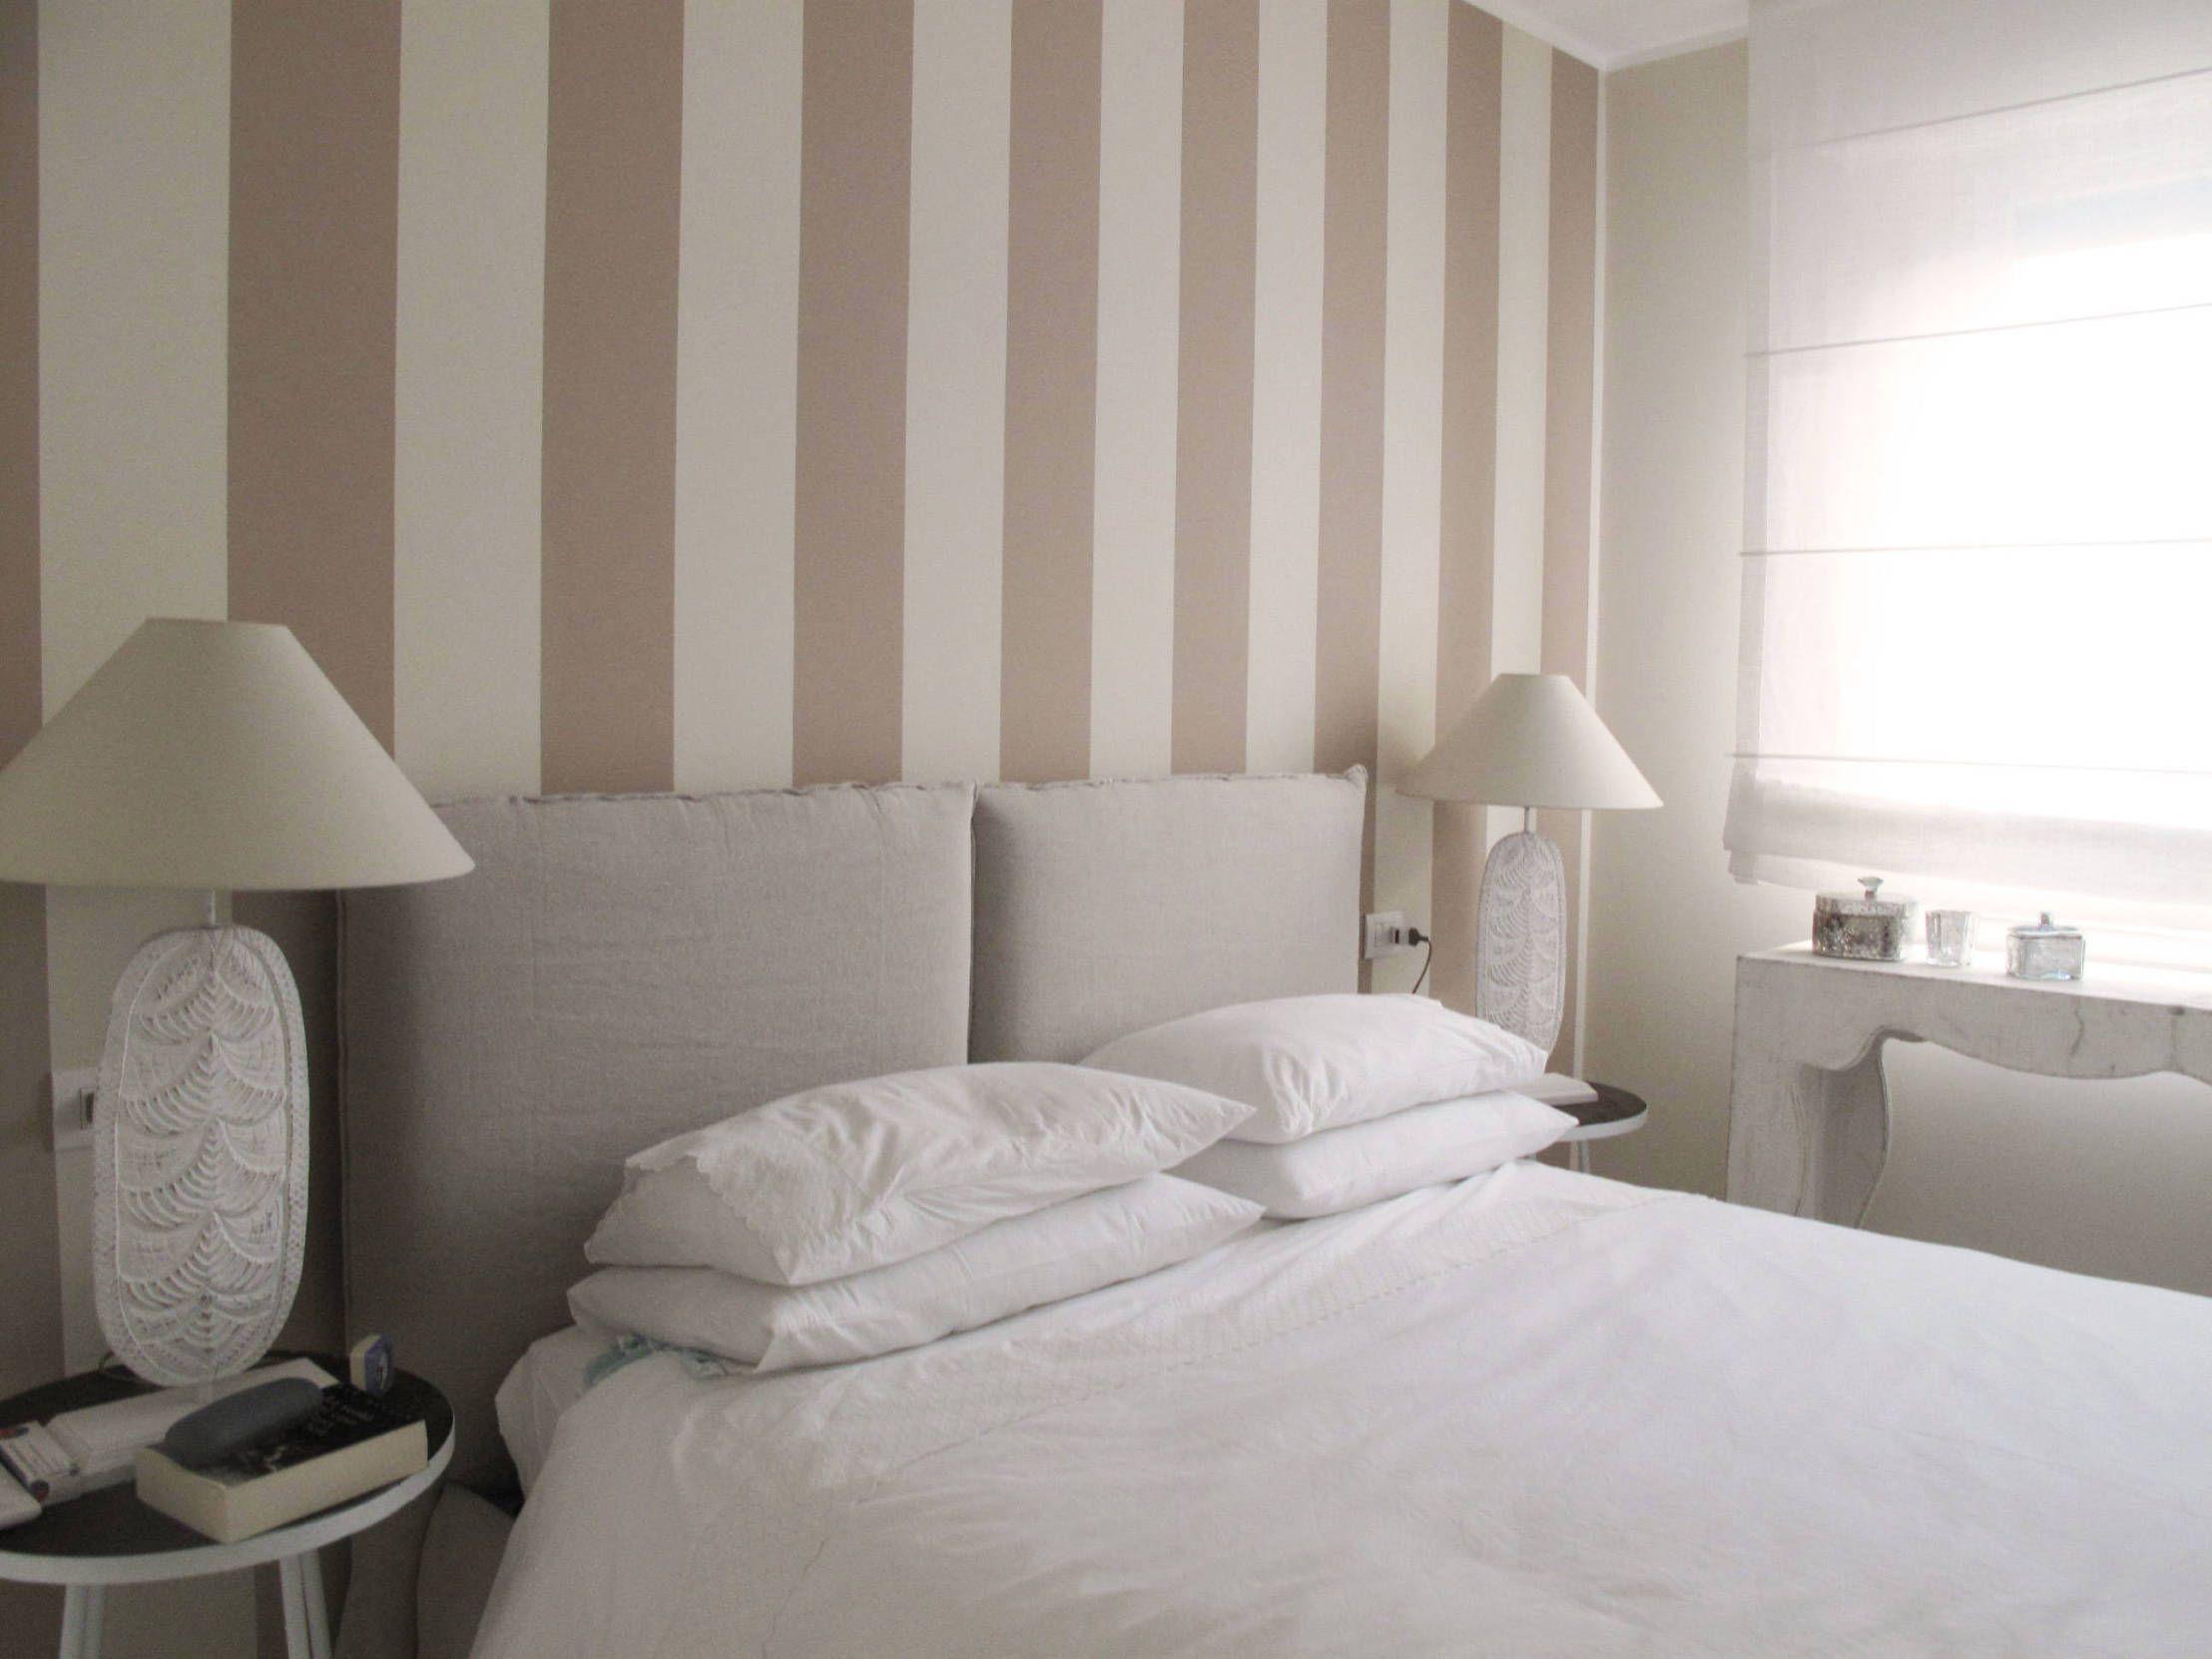 Carta da parati a righe al miglior prezzo. Carta Da Parati A Righe Per Personalizzare I Vostri Ambienti Homify Design Your Bedroom Home Decor Bedroom Decor